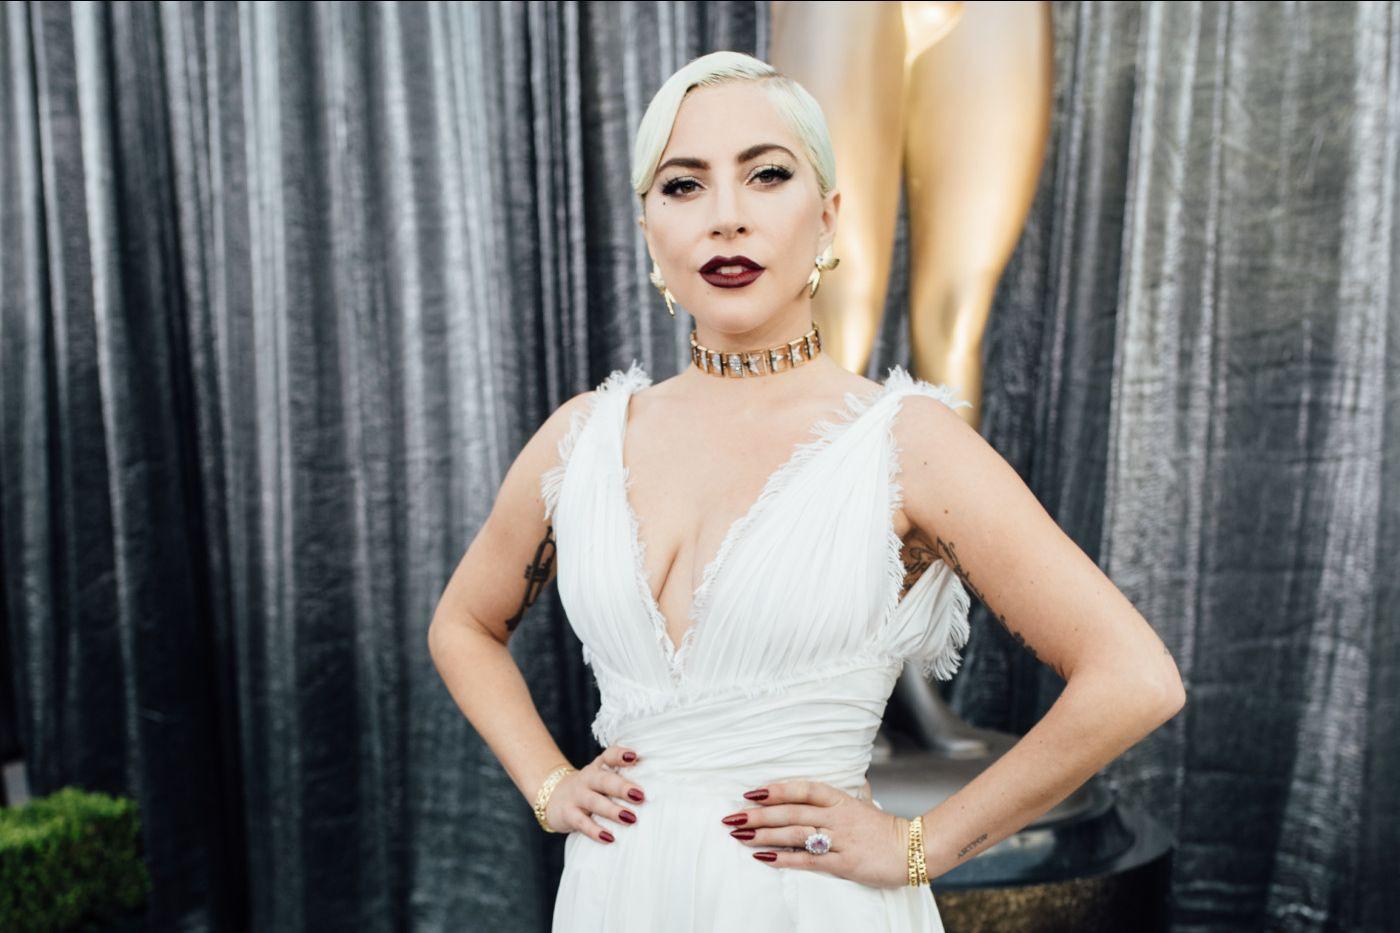 37 razões para Lady Gaga ser uma das artistas mais influentes do mundo